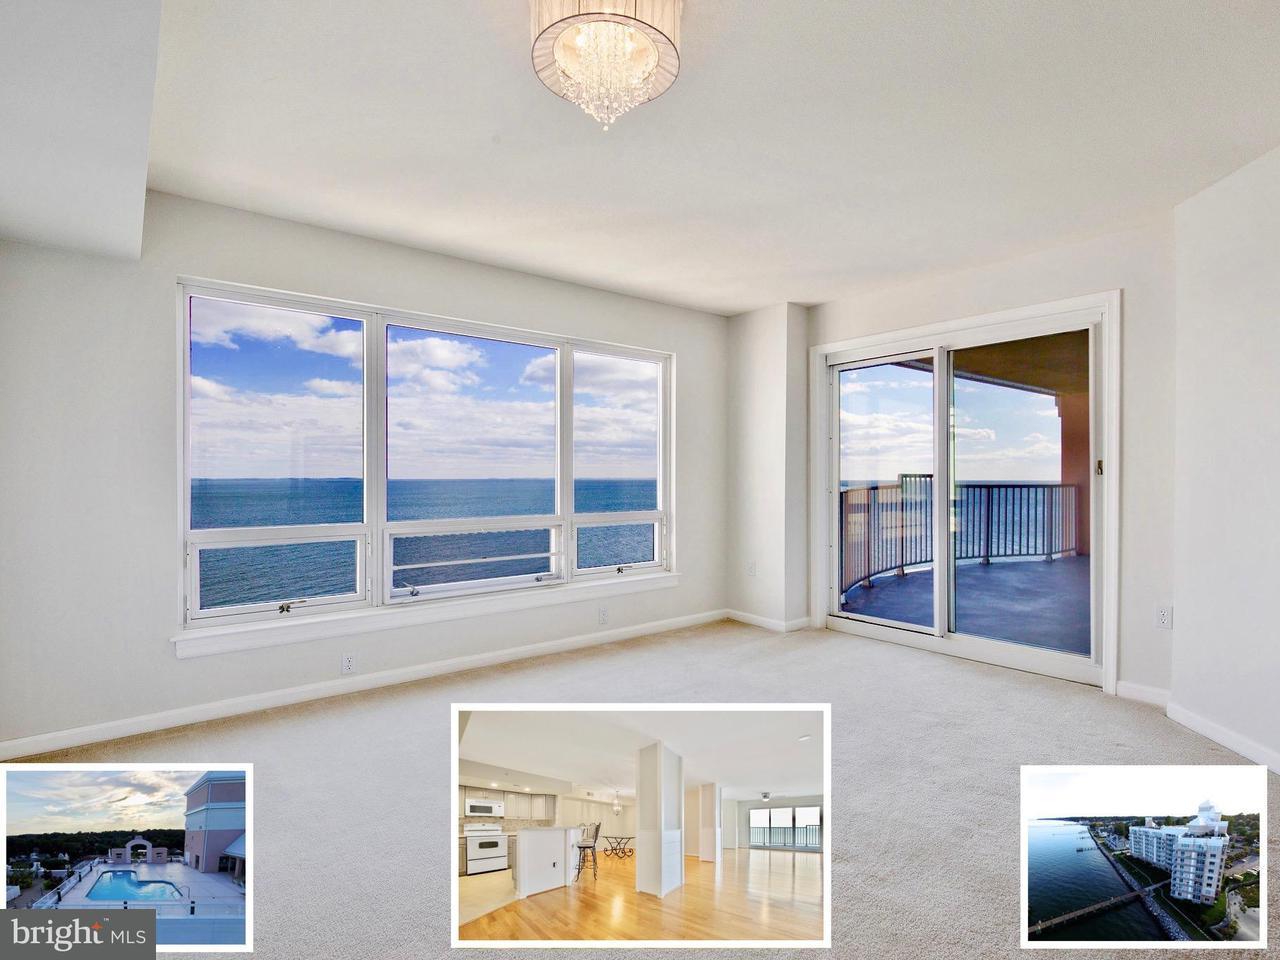 Casa Unifamiliar por un Venta en 8501 BAYSIDE RD #PH2 8501 BAYSIDE RD #PH2 Chesapeake Beach, Maryland 20732 Estados Unidos